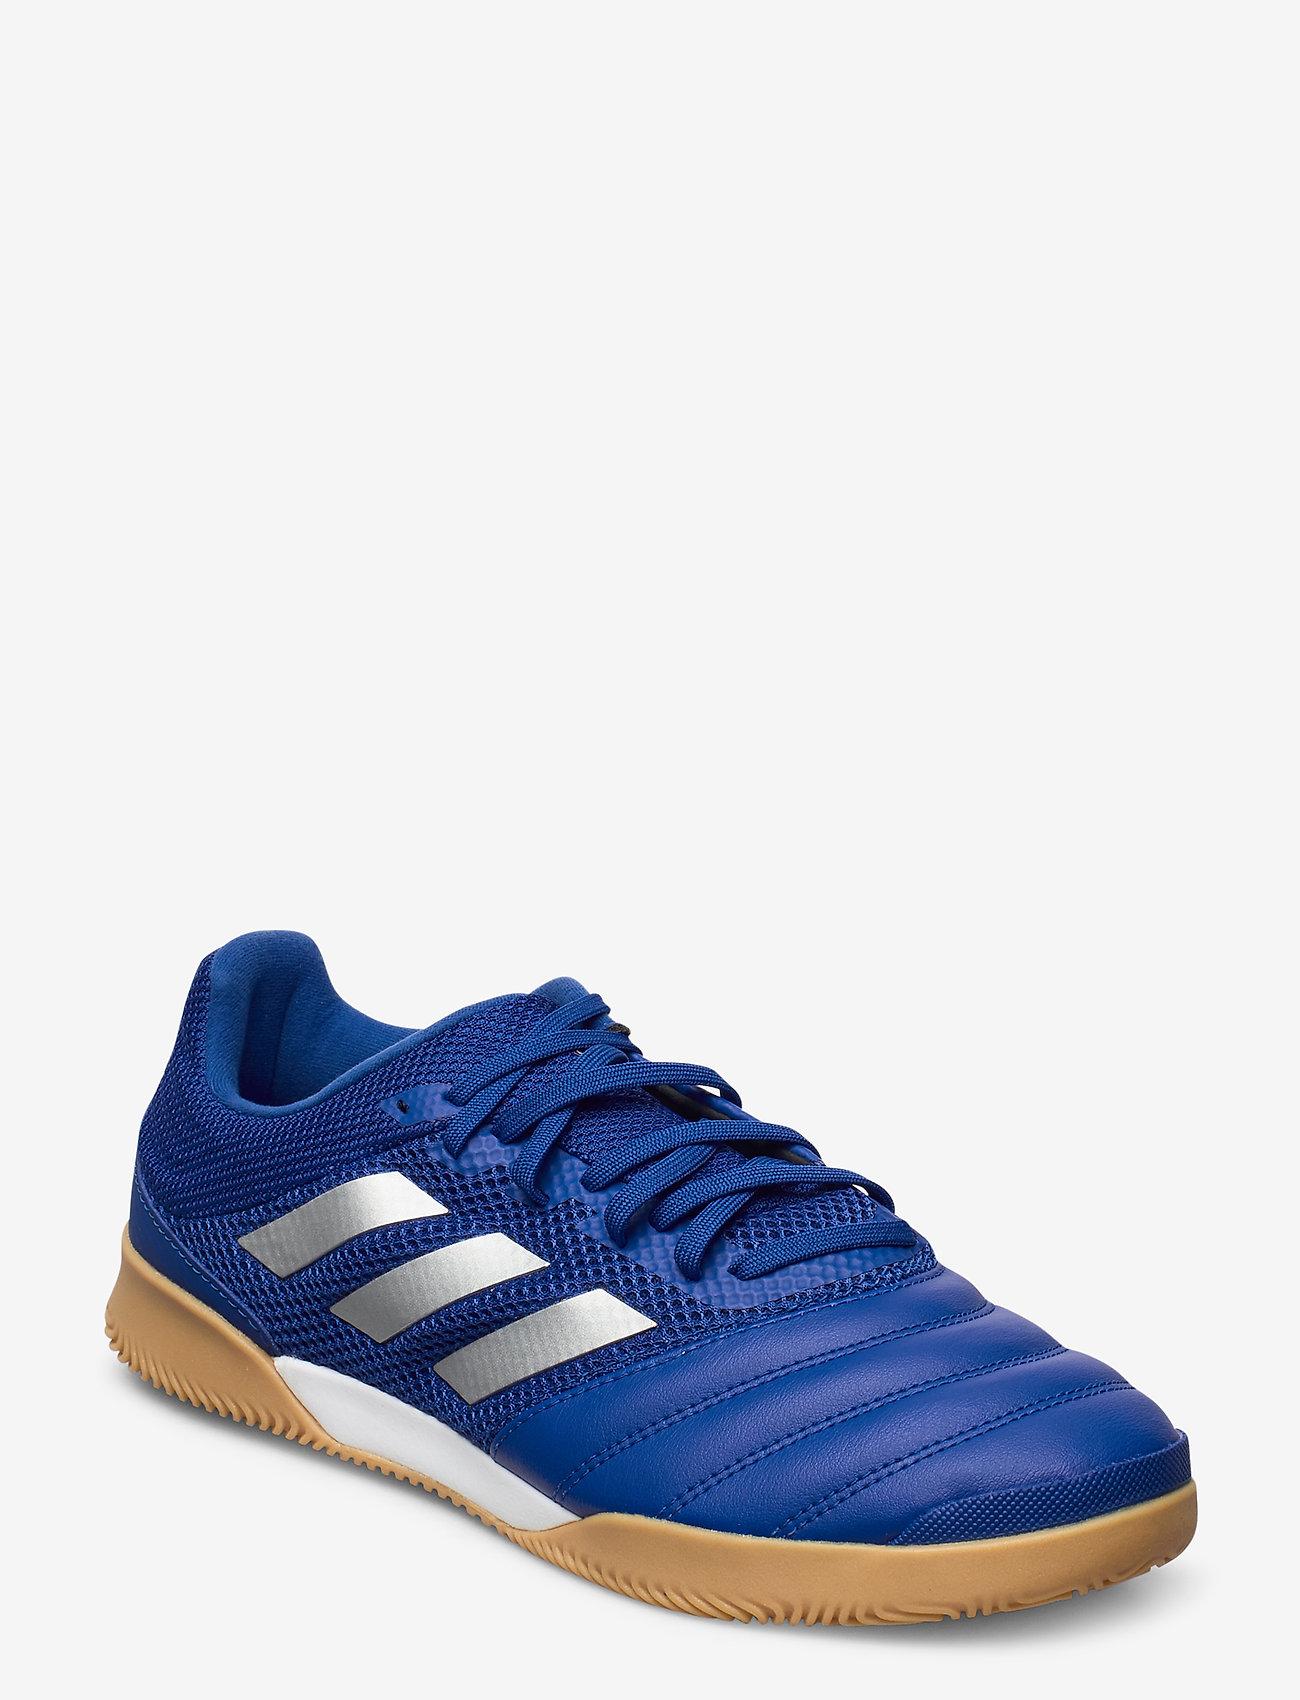 adidas Performance - COPA 20.3 IN SALA - fodboldsko - royblu/silvmt/royblu - 0